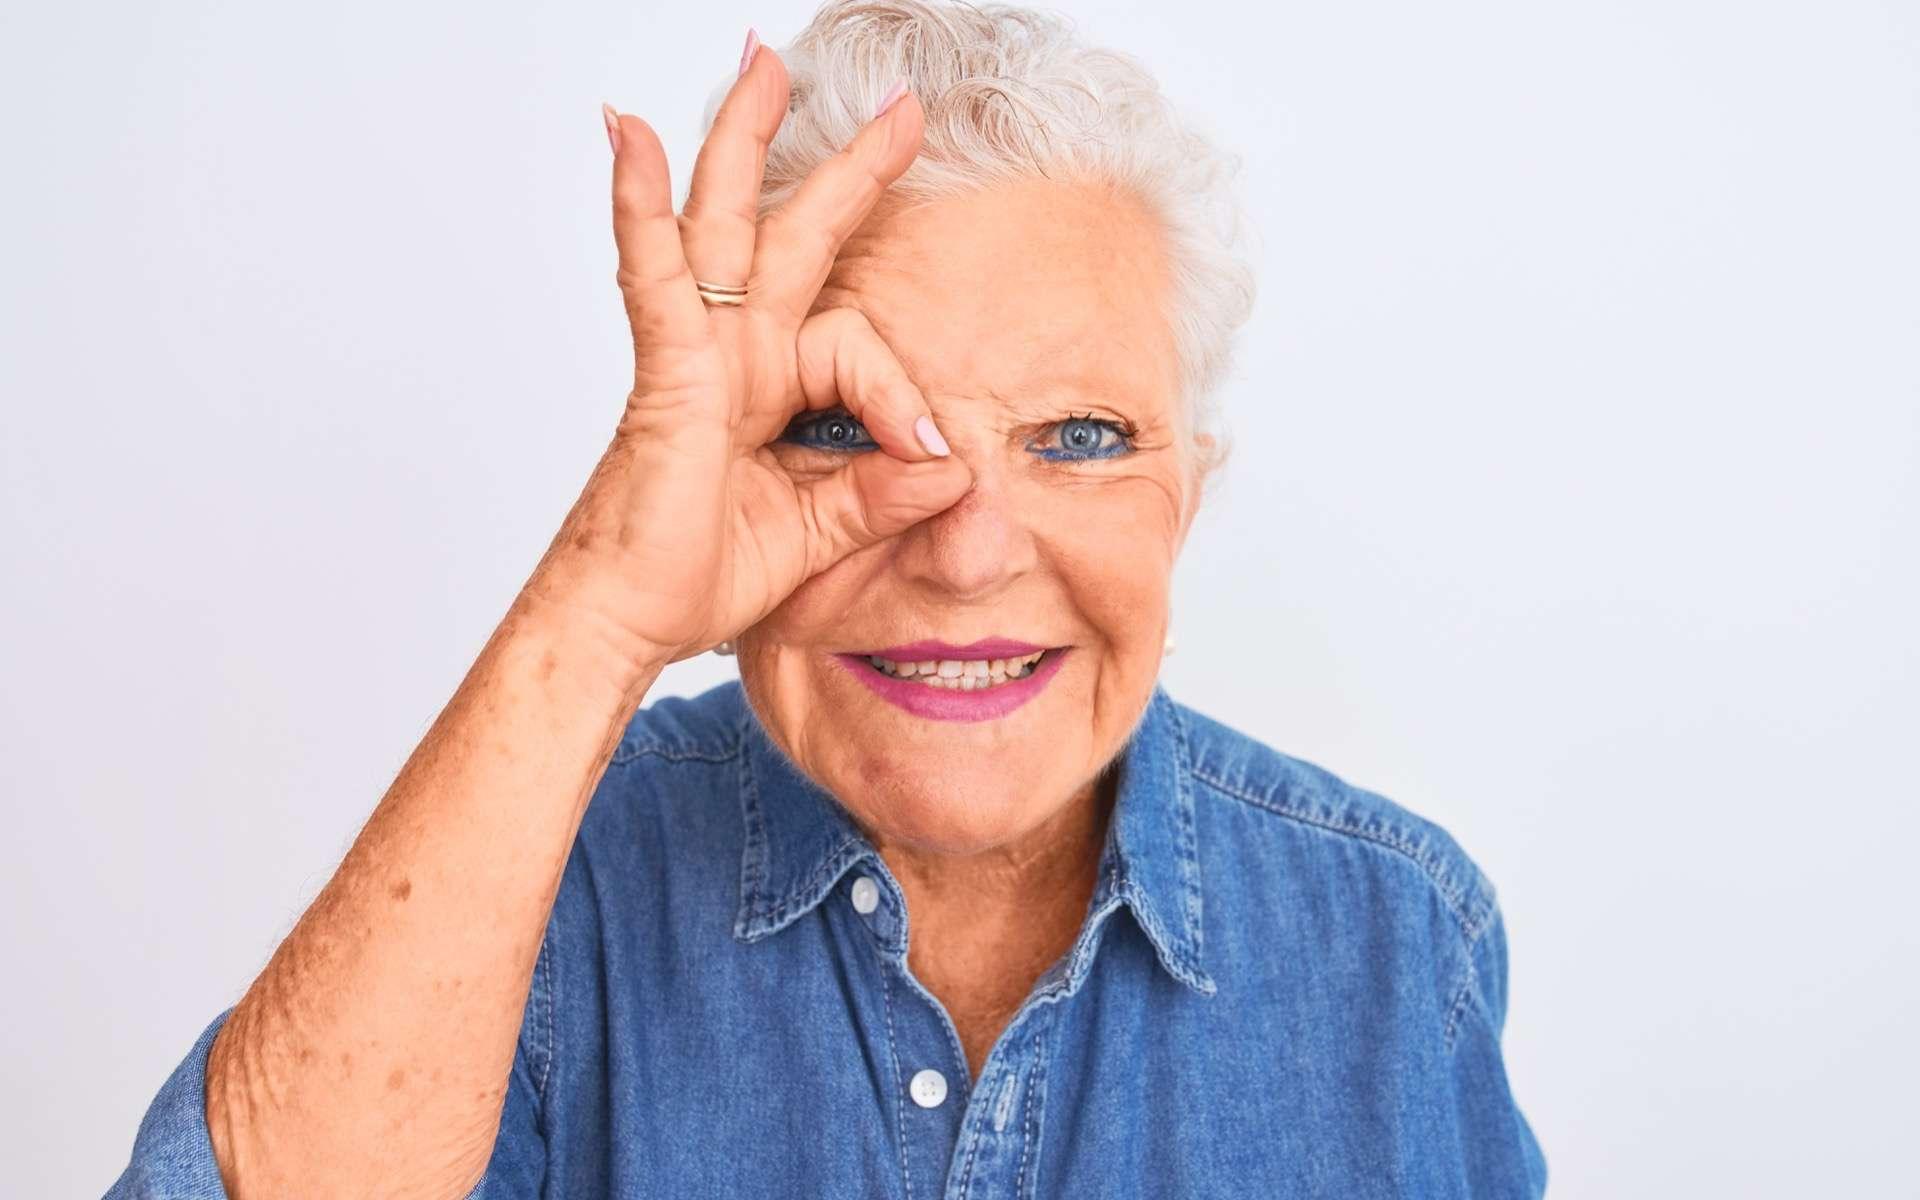 La myodésopsie, une sensation de plus en plus marquée avec l'âge... © Krakenimages.com, Adobe Stock